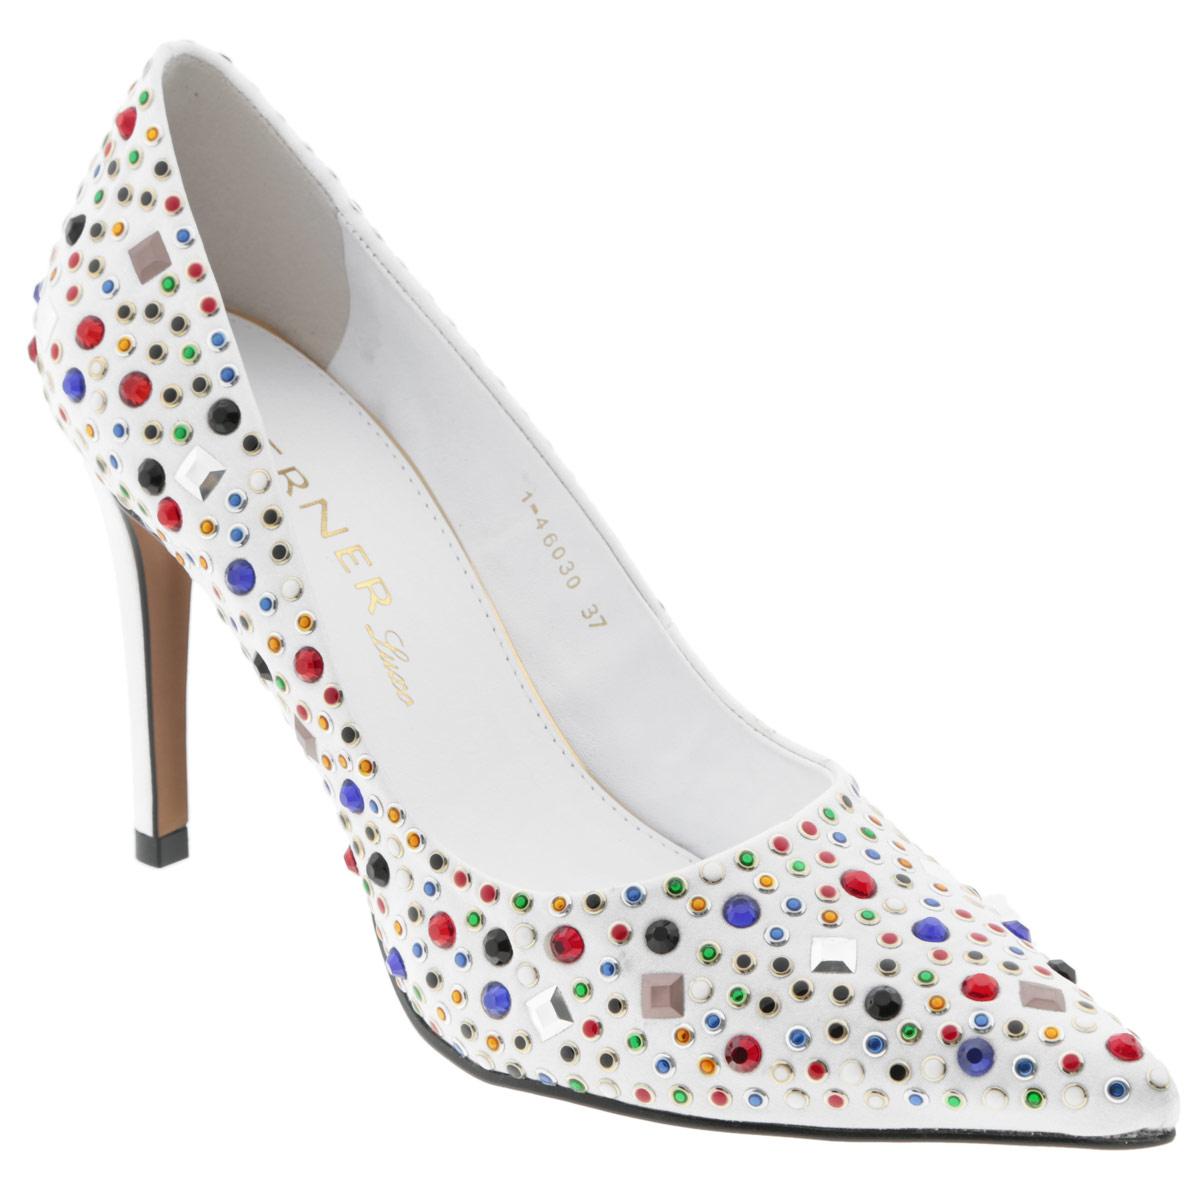 Туфли женские Werner, цвет: белый. 1-46030. Размер 39 (40)1-46030Яркие женские туфли на шпильке от Werner прекрасно подчеркнут ваш стиль. Верх модели выполнен из текстильного материала и оформлен цветными стразами и декоративными клепками. Внутренняя часть и стелька из натуральной кожи гарантируют комфорт и удобство при ходьбе. Высокий каблук подчеркнет красоту и стройность ваших ног. Подошва выполнена из прочного полимера с противоскользящим рифлением. Такие туфли станут прекрасным дополнением вашего гардероба. Они сделают вас ярче и подчеркнут вашу индивидуальность!